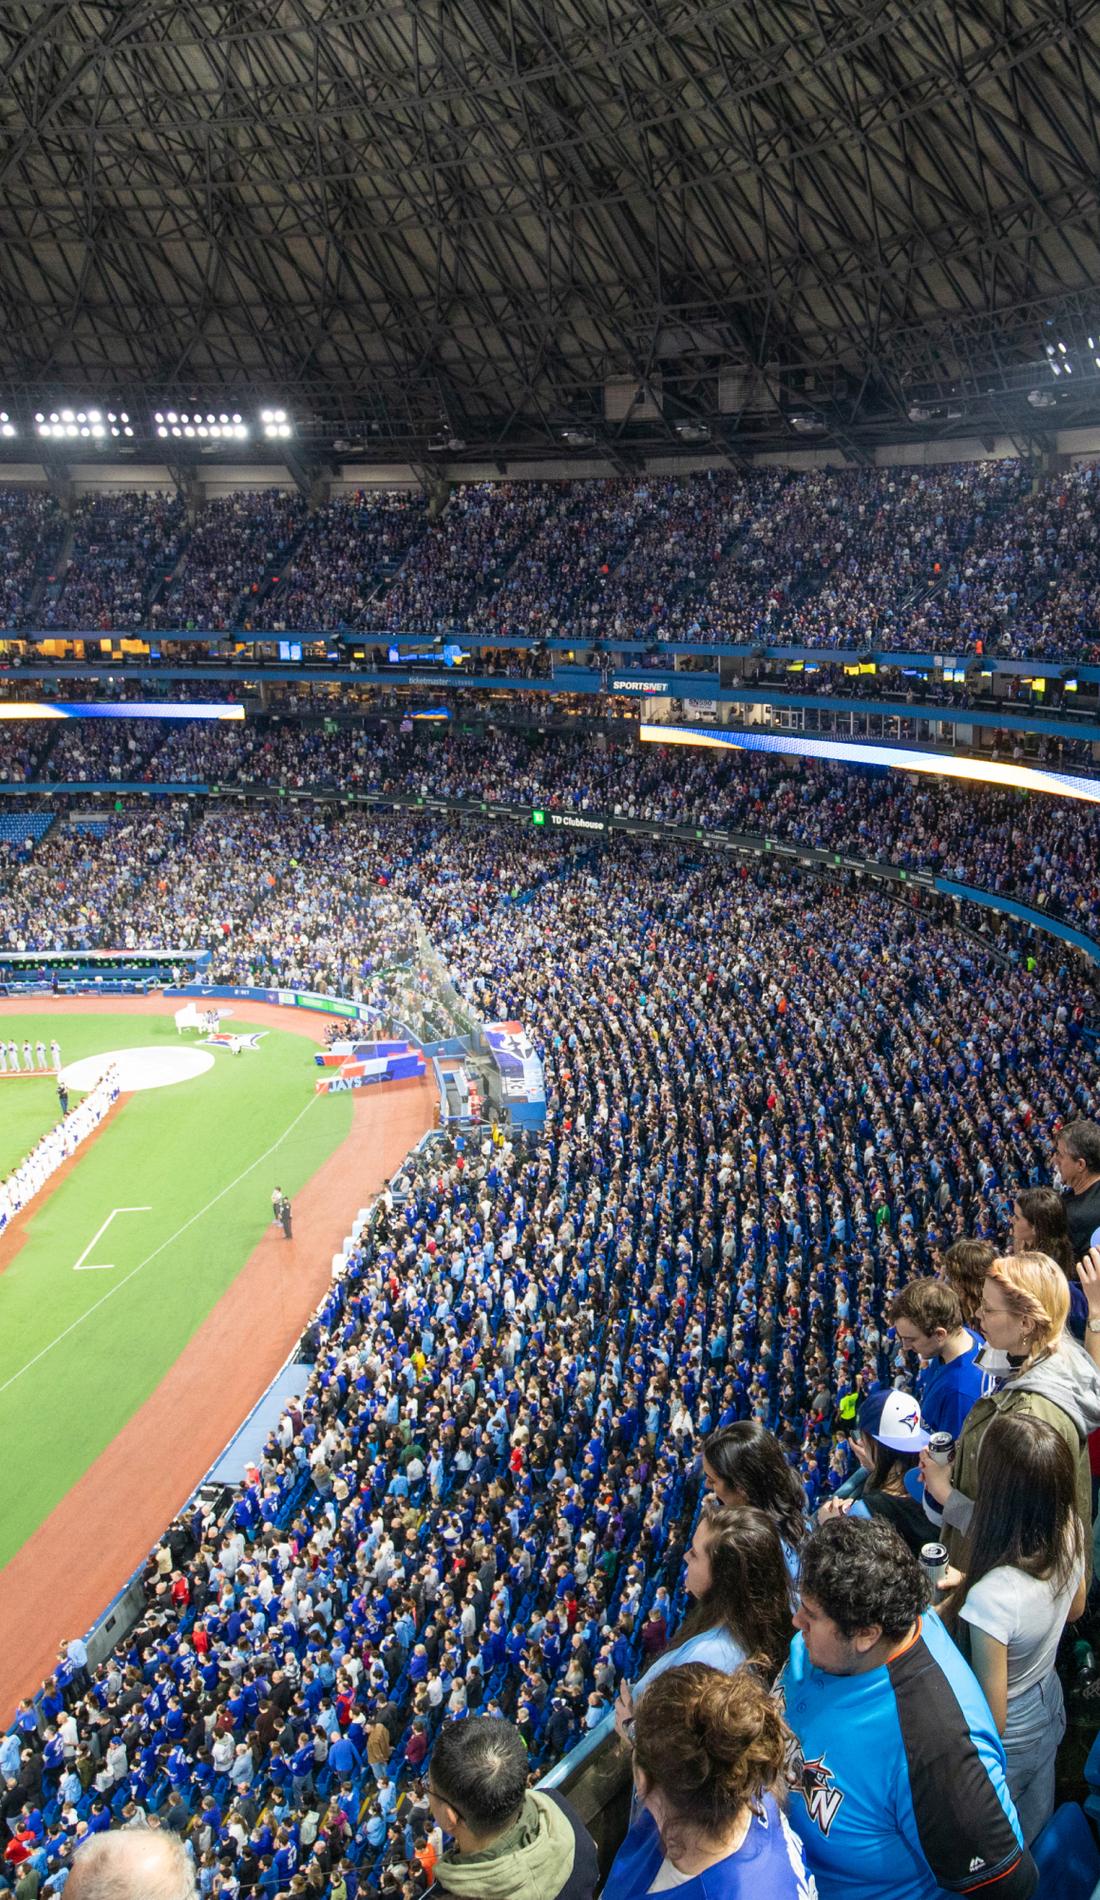 A Toronto Blue Jays live event